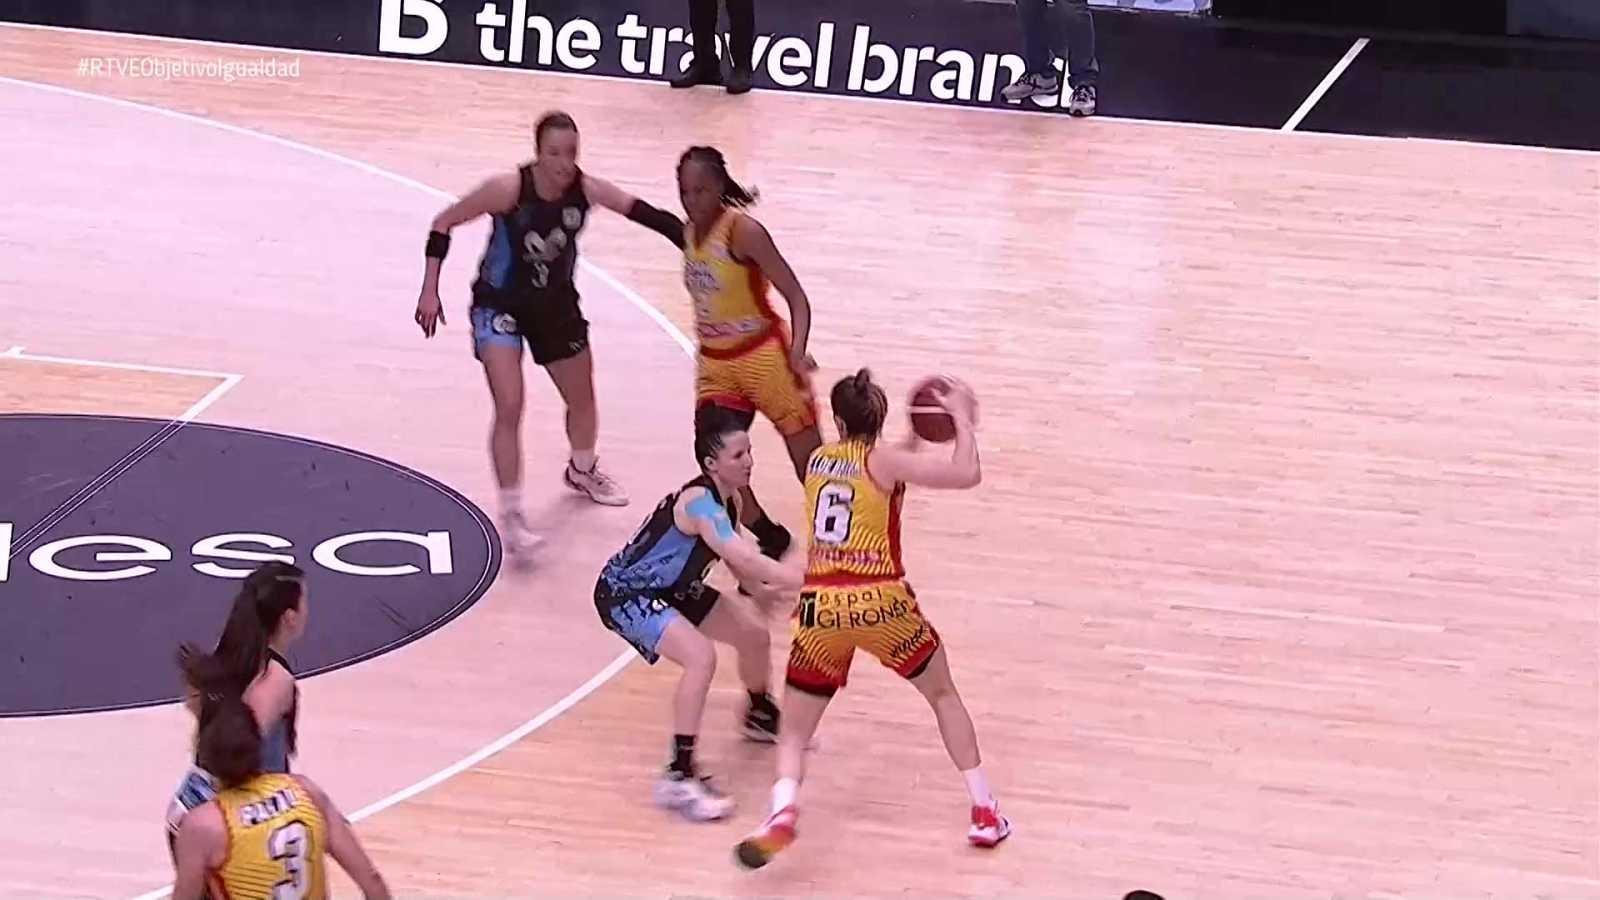 Baloncesto - Copa de la Reina 2021. 1/4 Final: SPAR Girona - Movistar Estudiantes - ver ahora